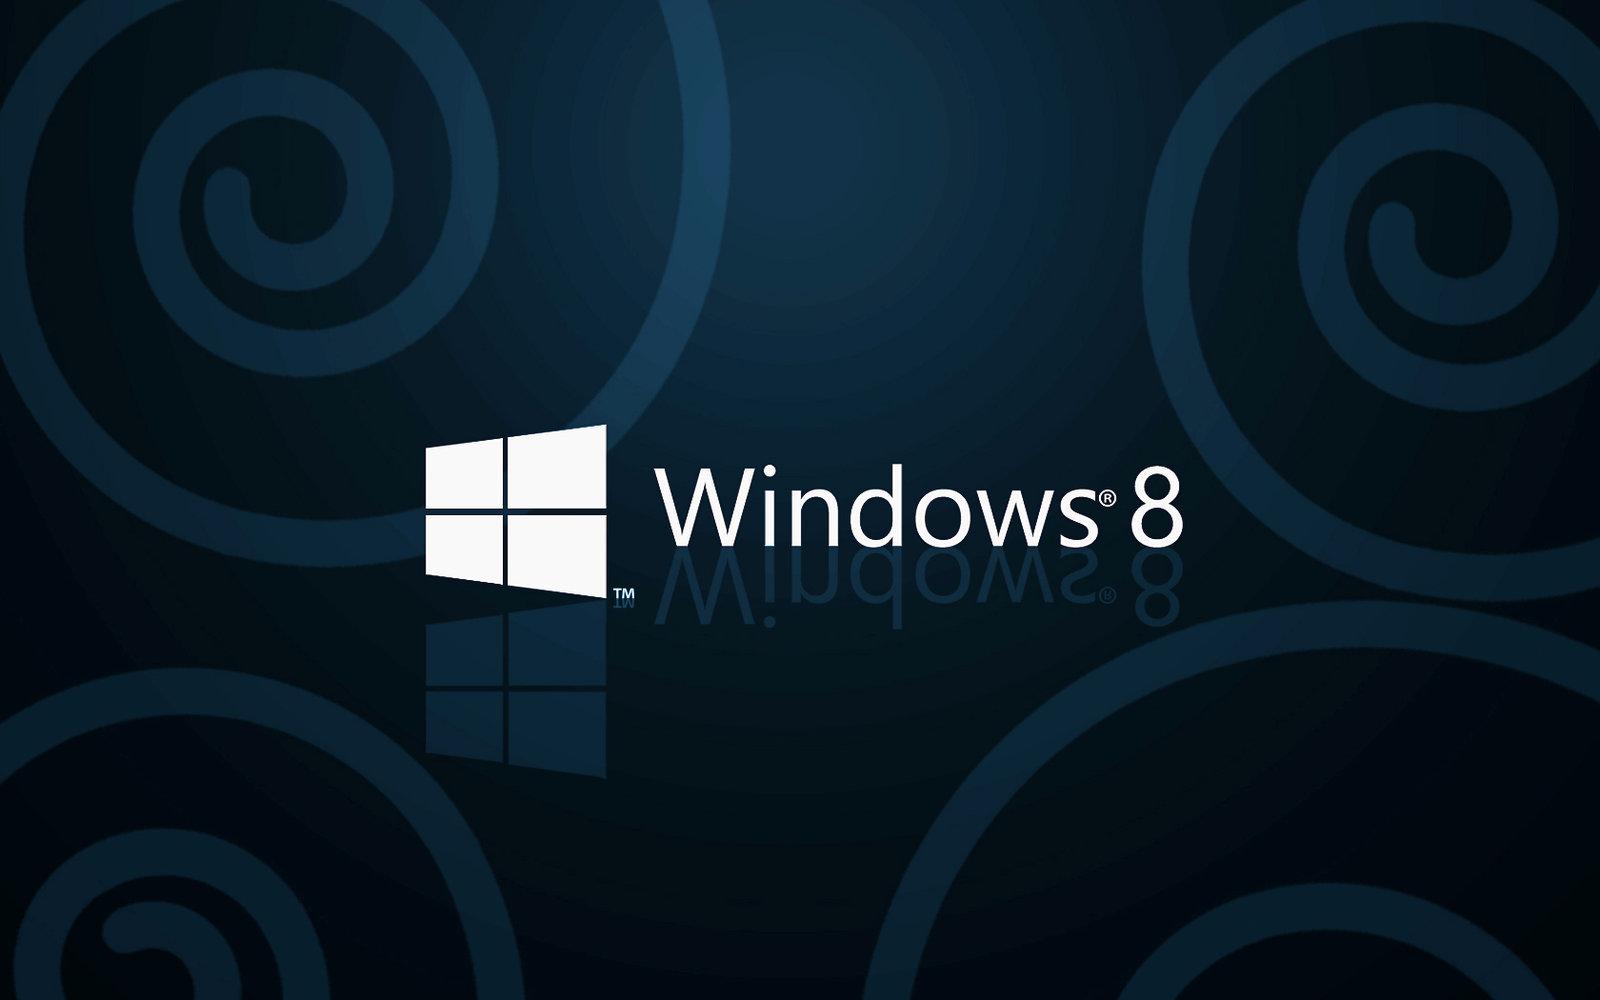 http://4.bp.blogspot.com/-yNCLF2grQ4Y/UTX3emwy_II/AAAAAAAAARs/ewytsWxoePA/s1600/windows_8_wallpaper_blue_by_travislutz-d5j82du.jpg